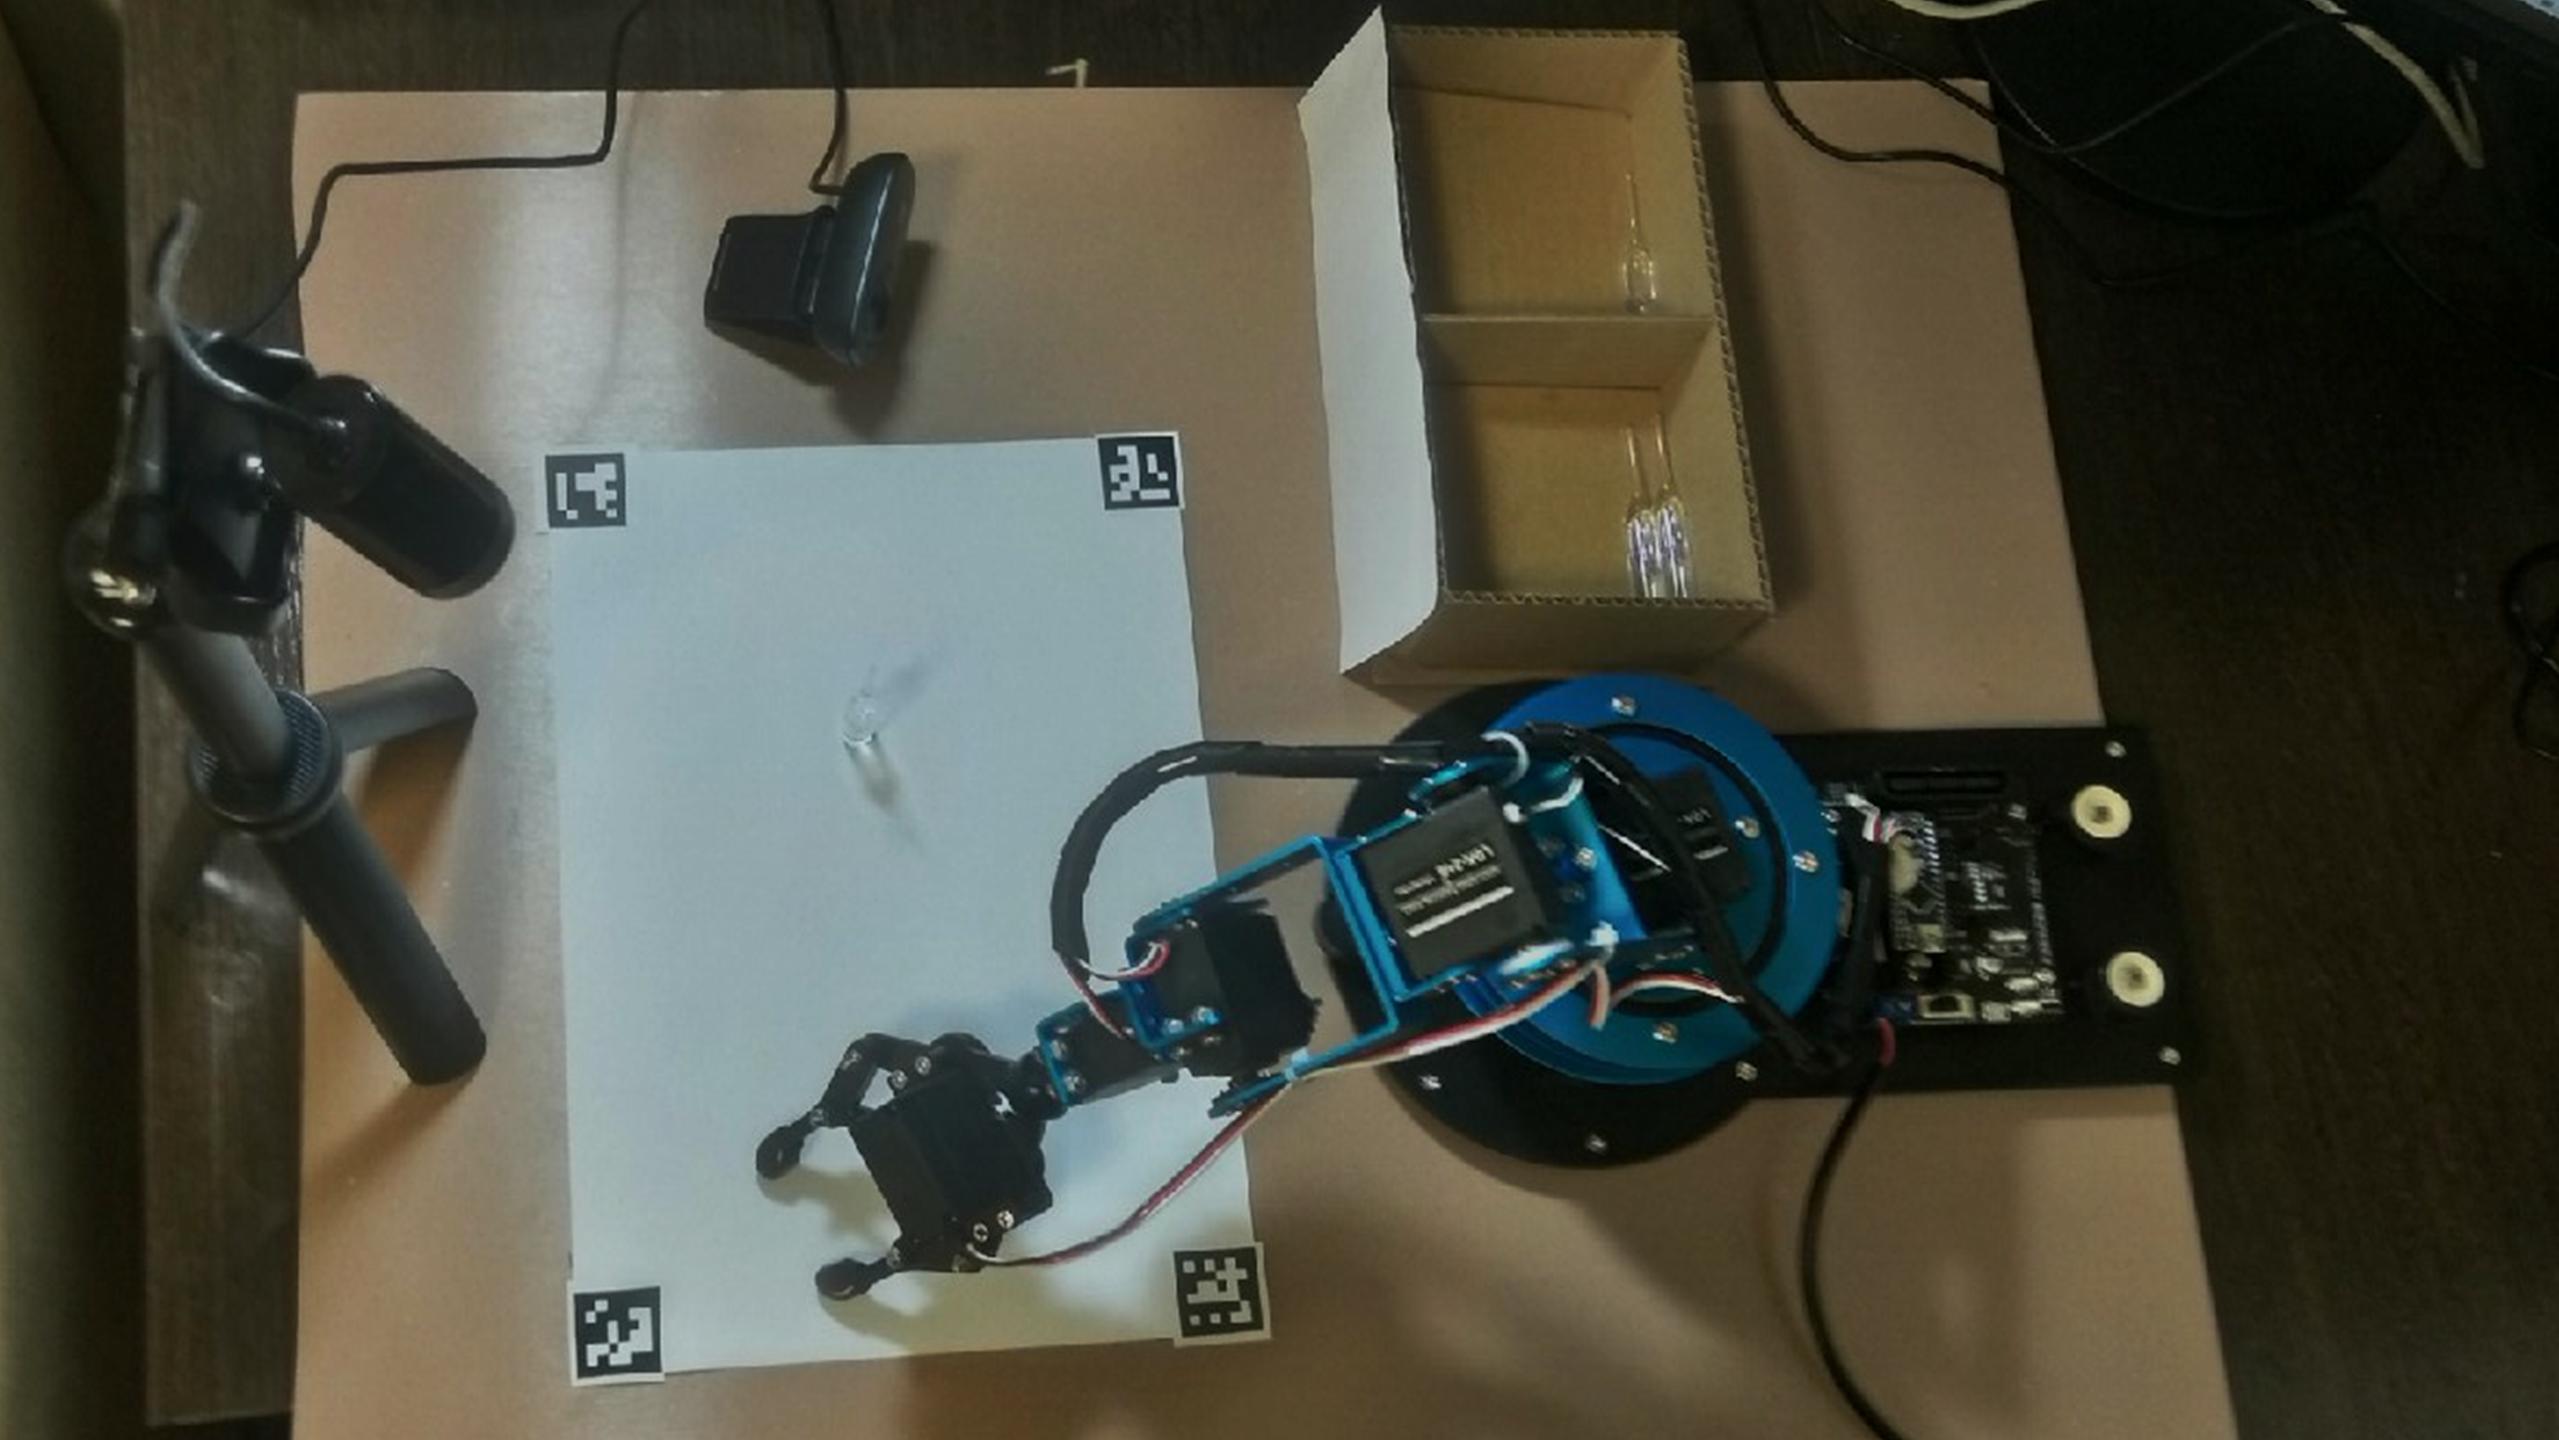 Прототип включает в себя руку-манипулятор, рабочую поверхность с маркерами, две веб-камеры (для определения положения ампул на листе и для определения качества одной ампулы), два целевых лотка для сортировки ампул.